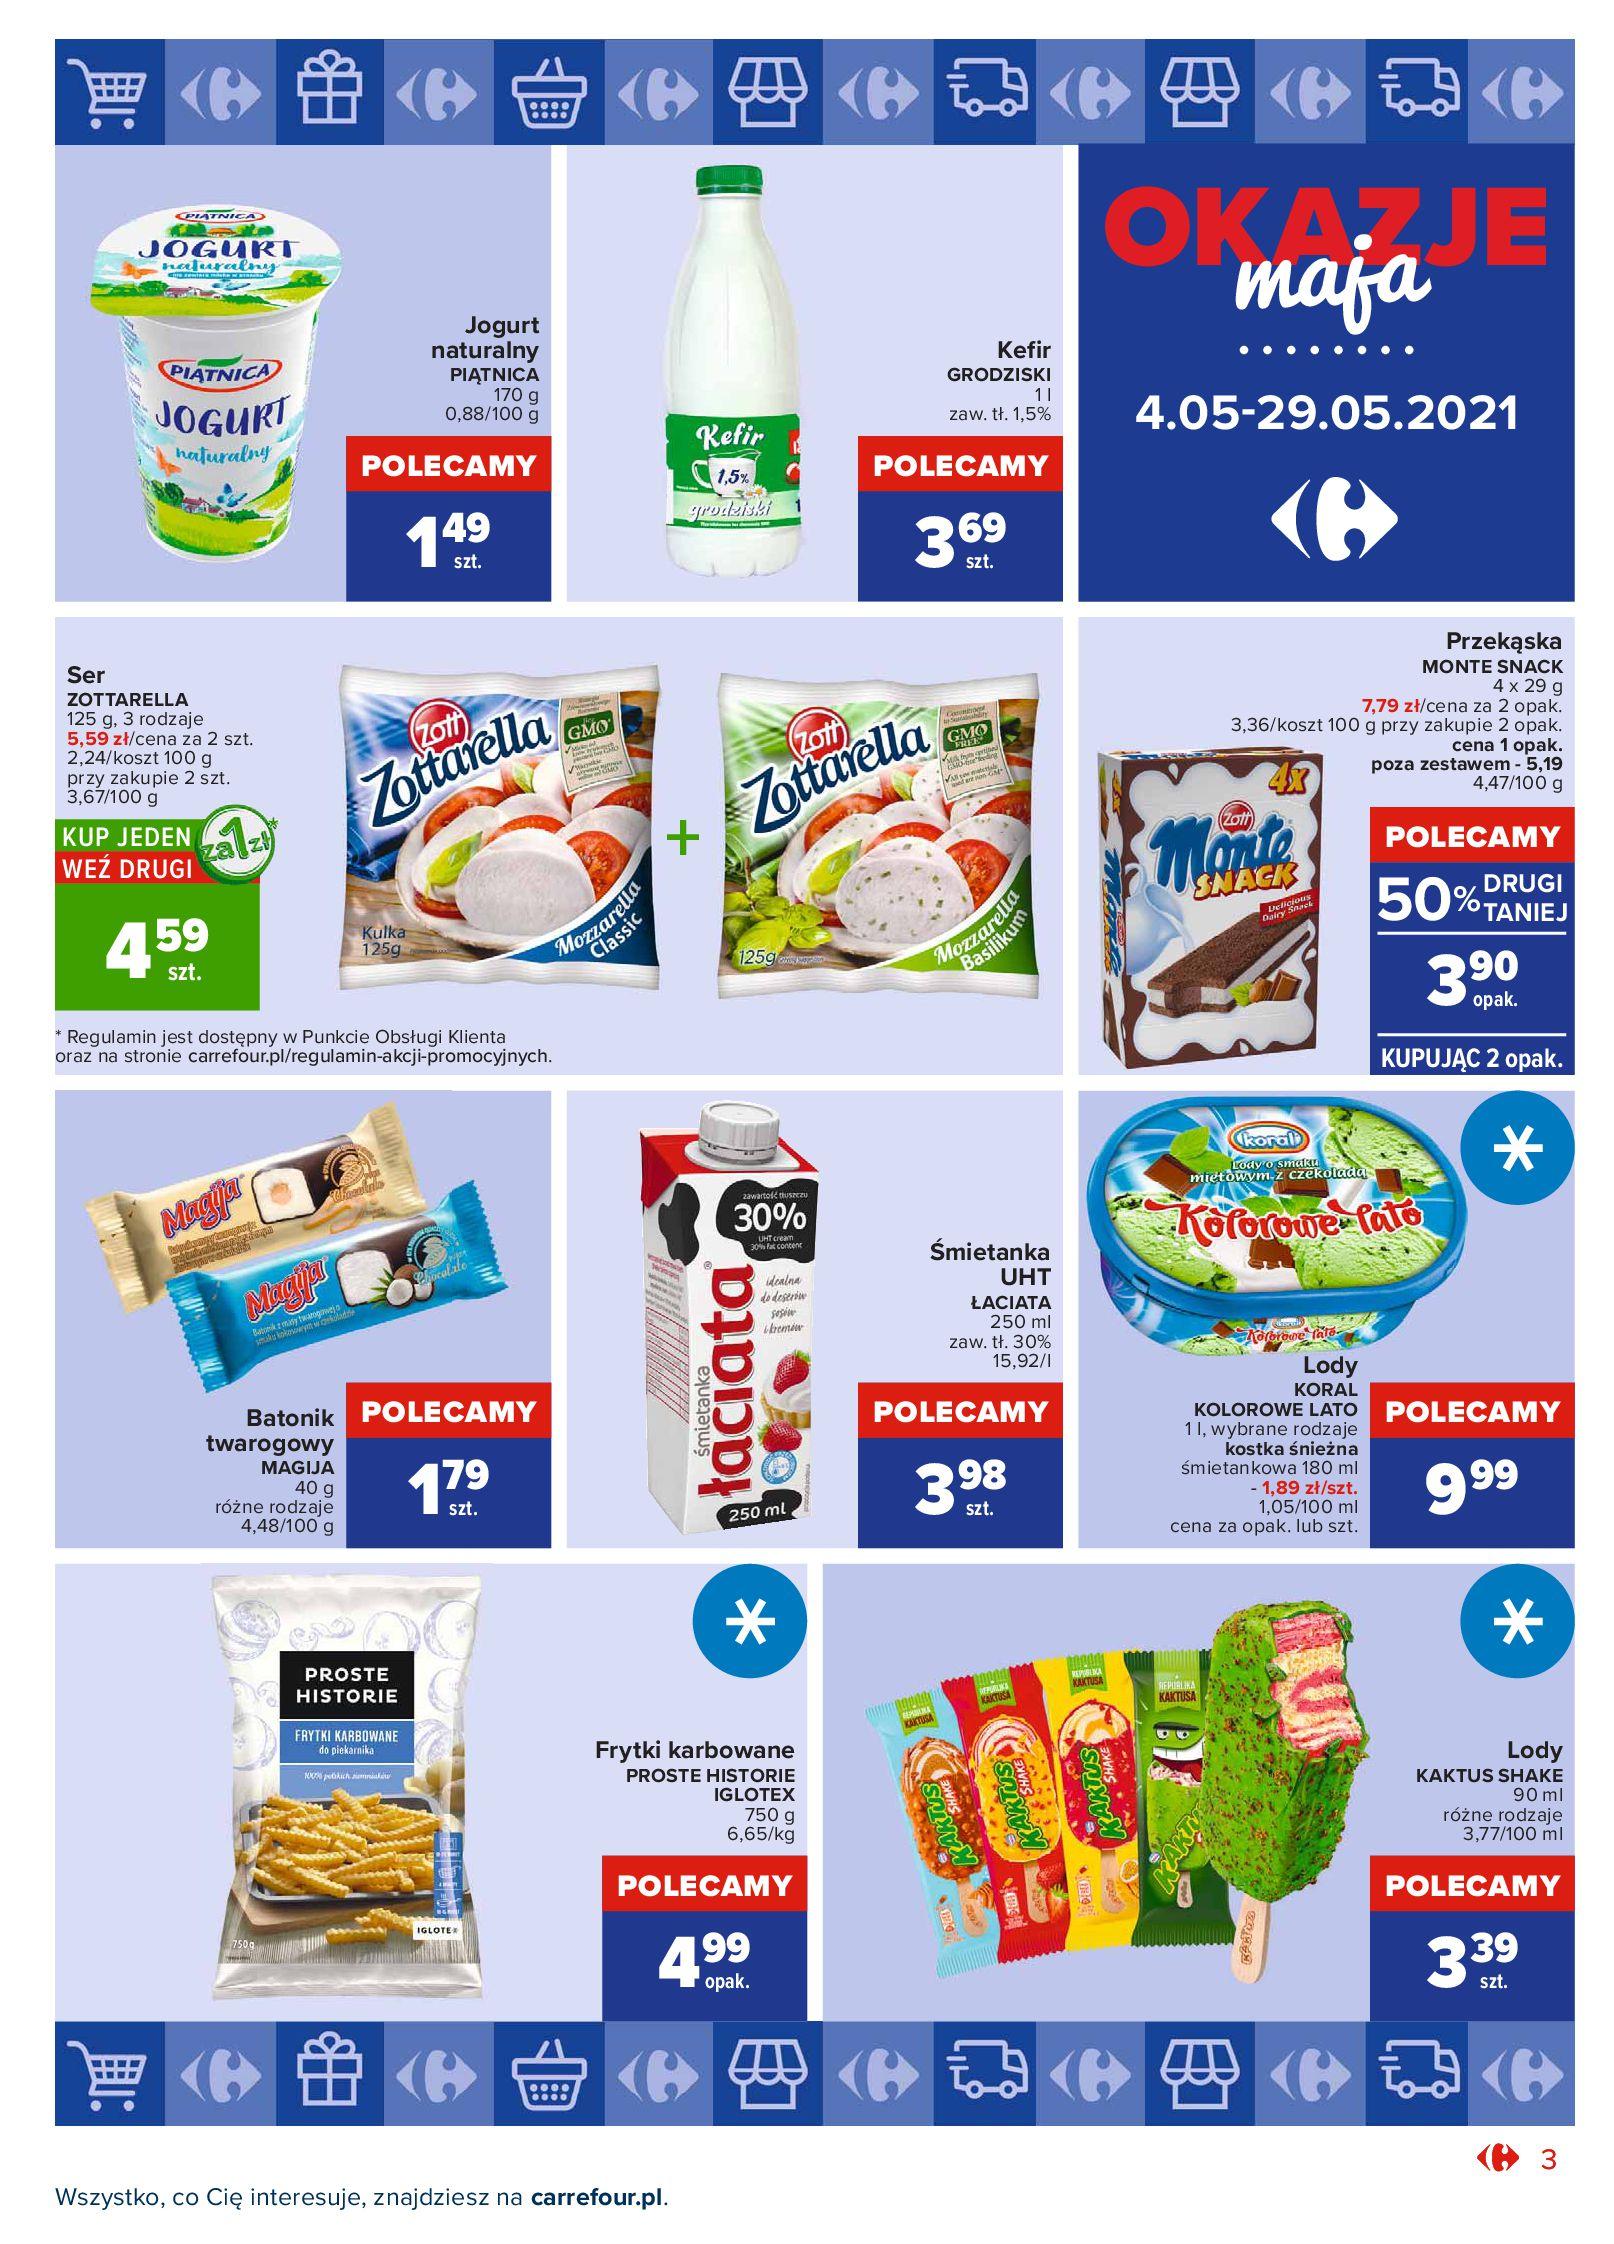 Gazetka Carrefour Market: Okazje maja 2021-05-04 page-3